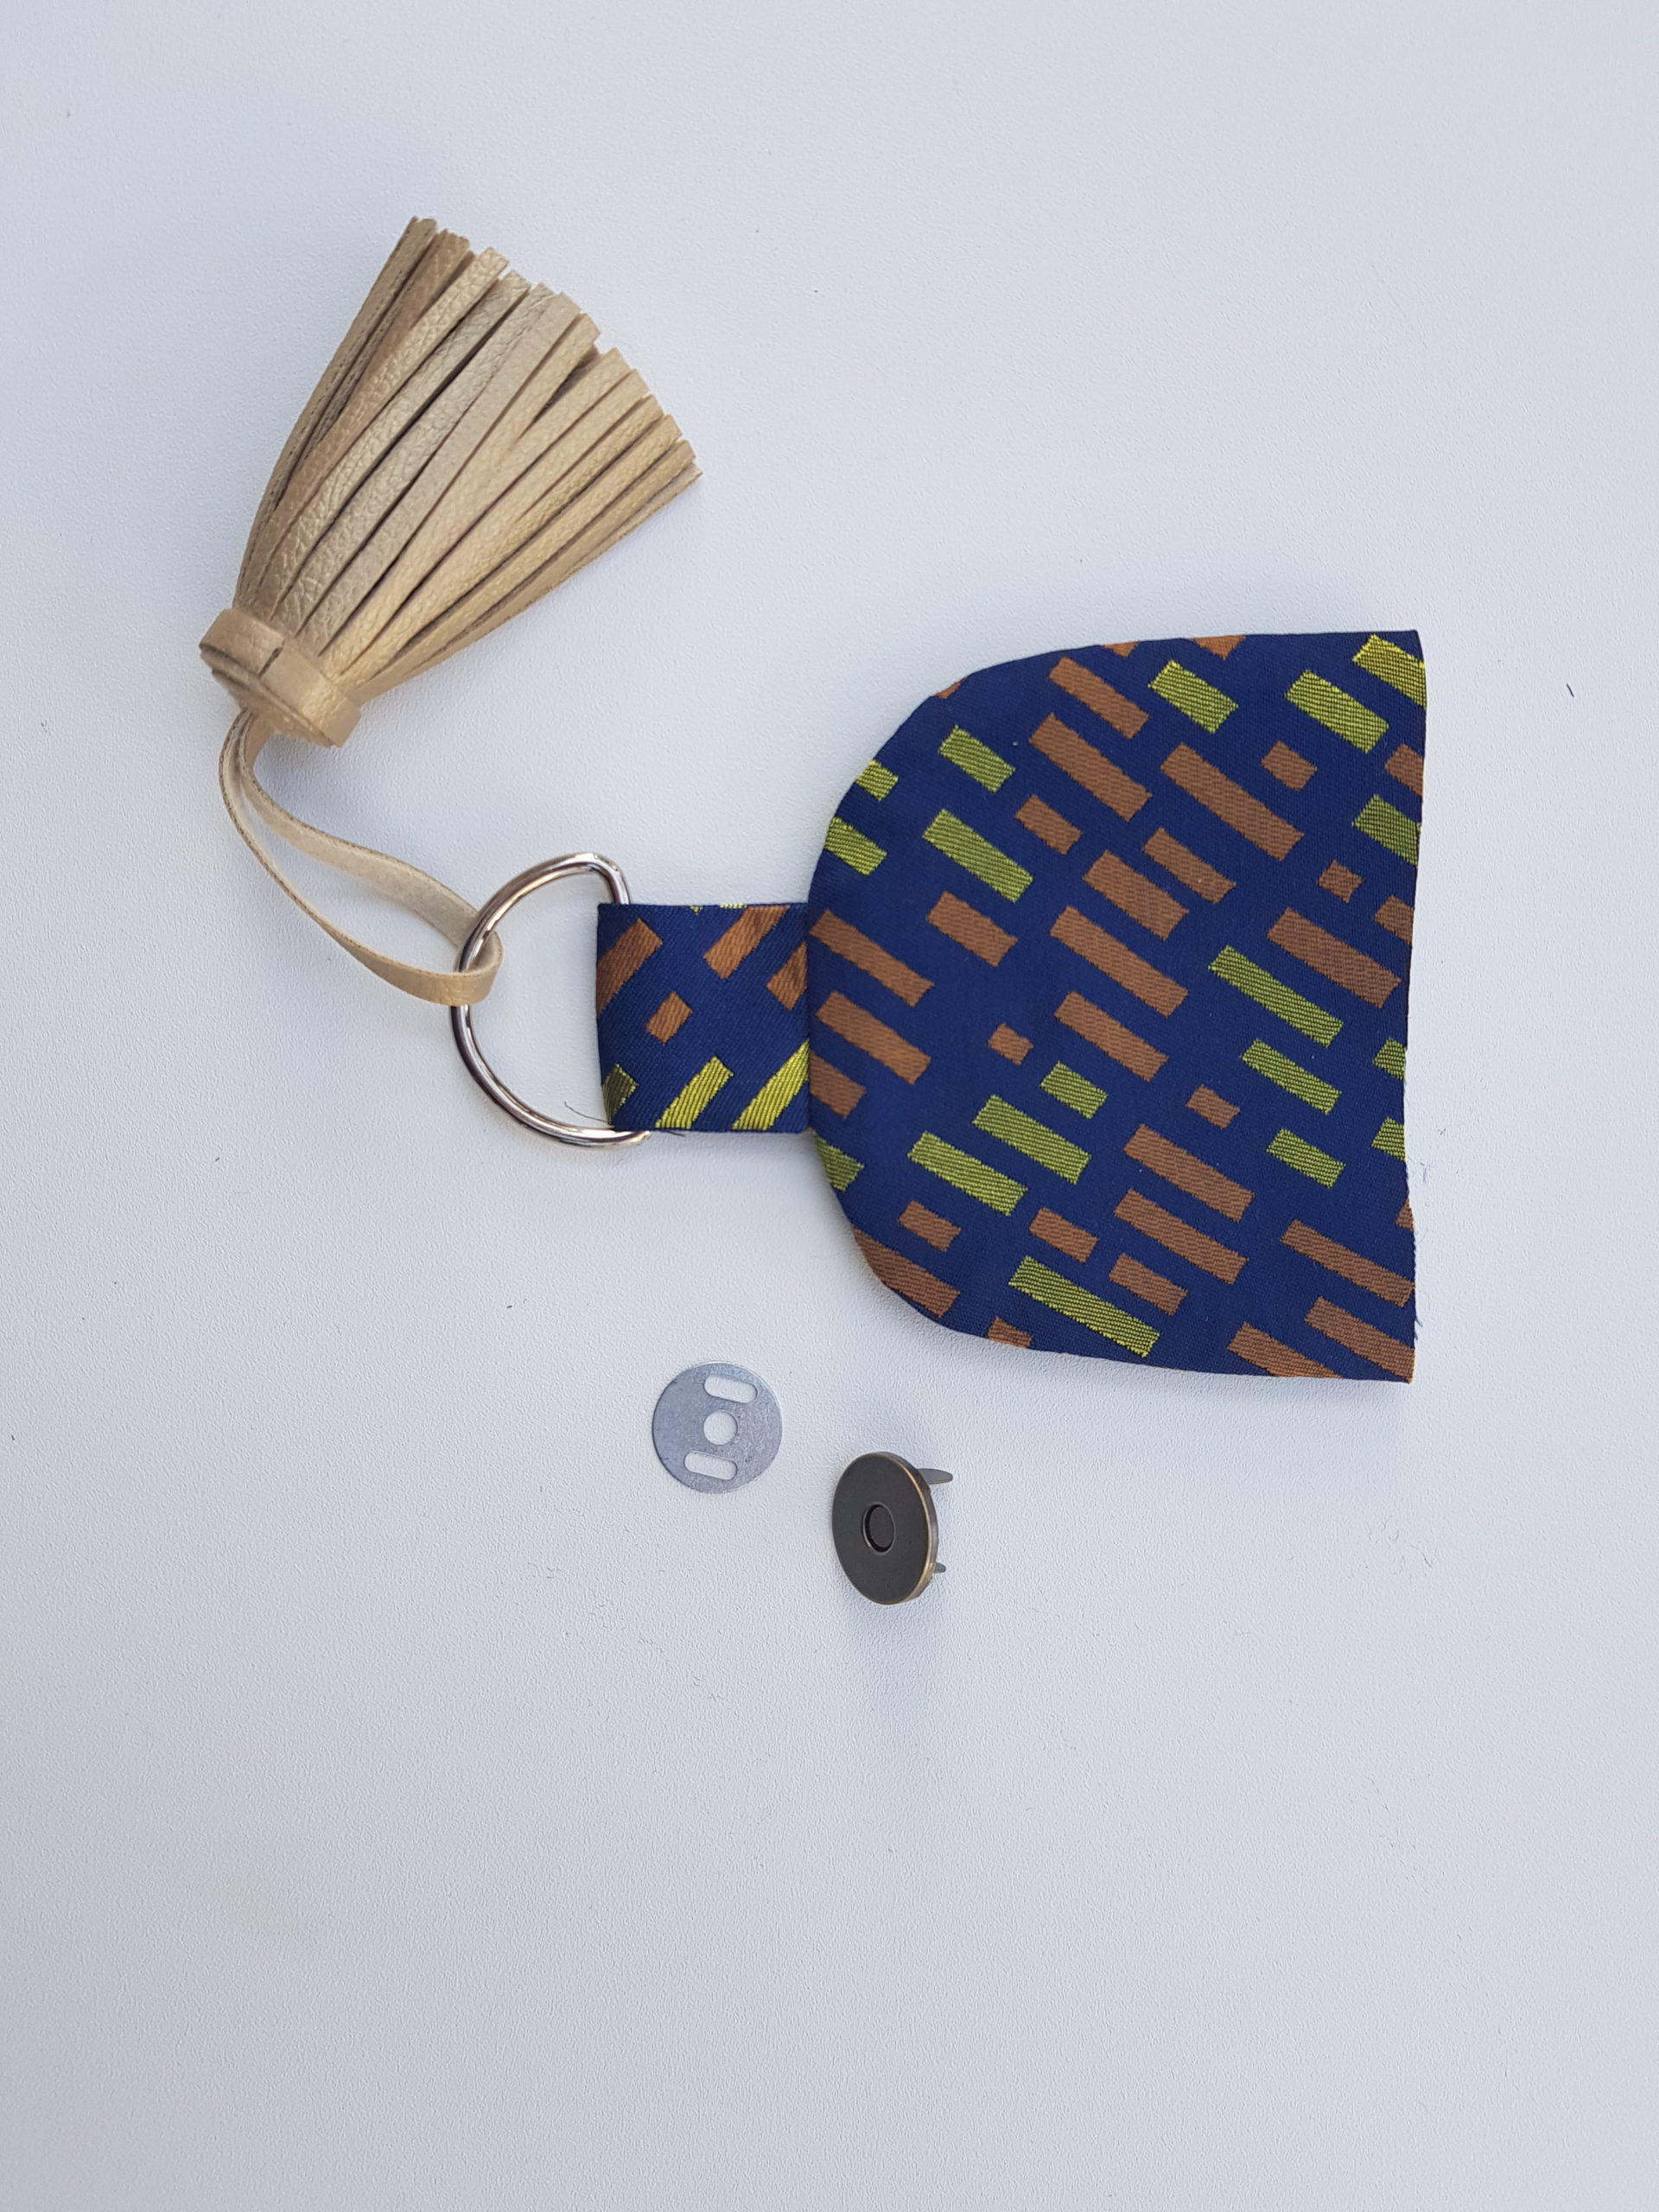 Taschenklappe mit Mangentverschluss